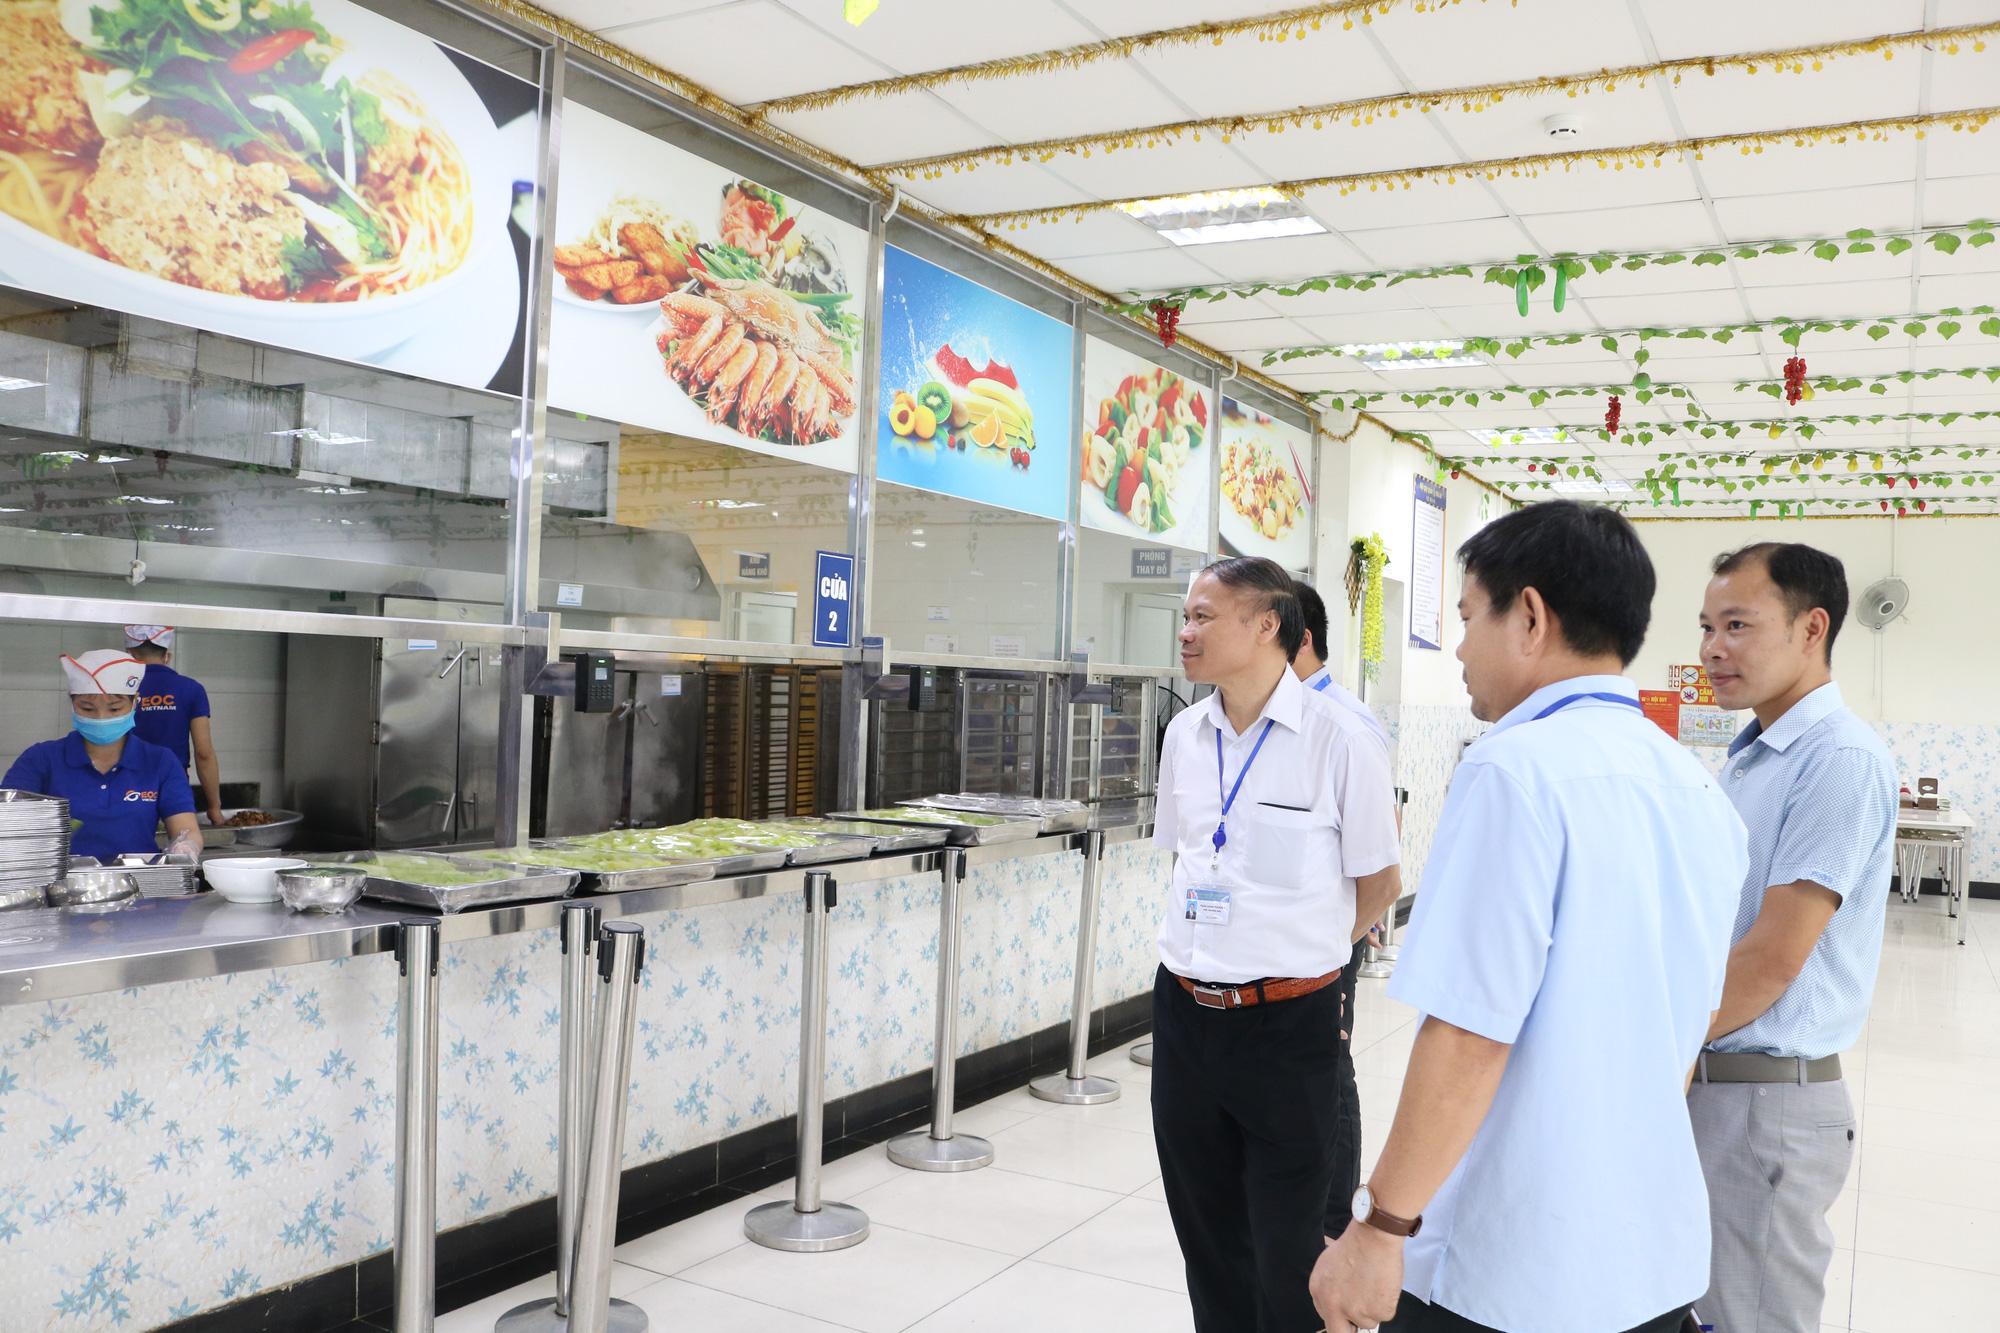 Bắc Ninh: Chú trọng nâng cao kiến thức, tuyên truyền về an toàn thực phẩm - Ảnh 1.